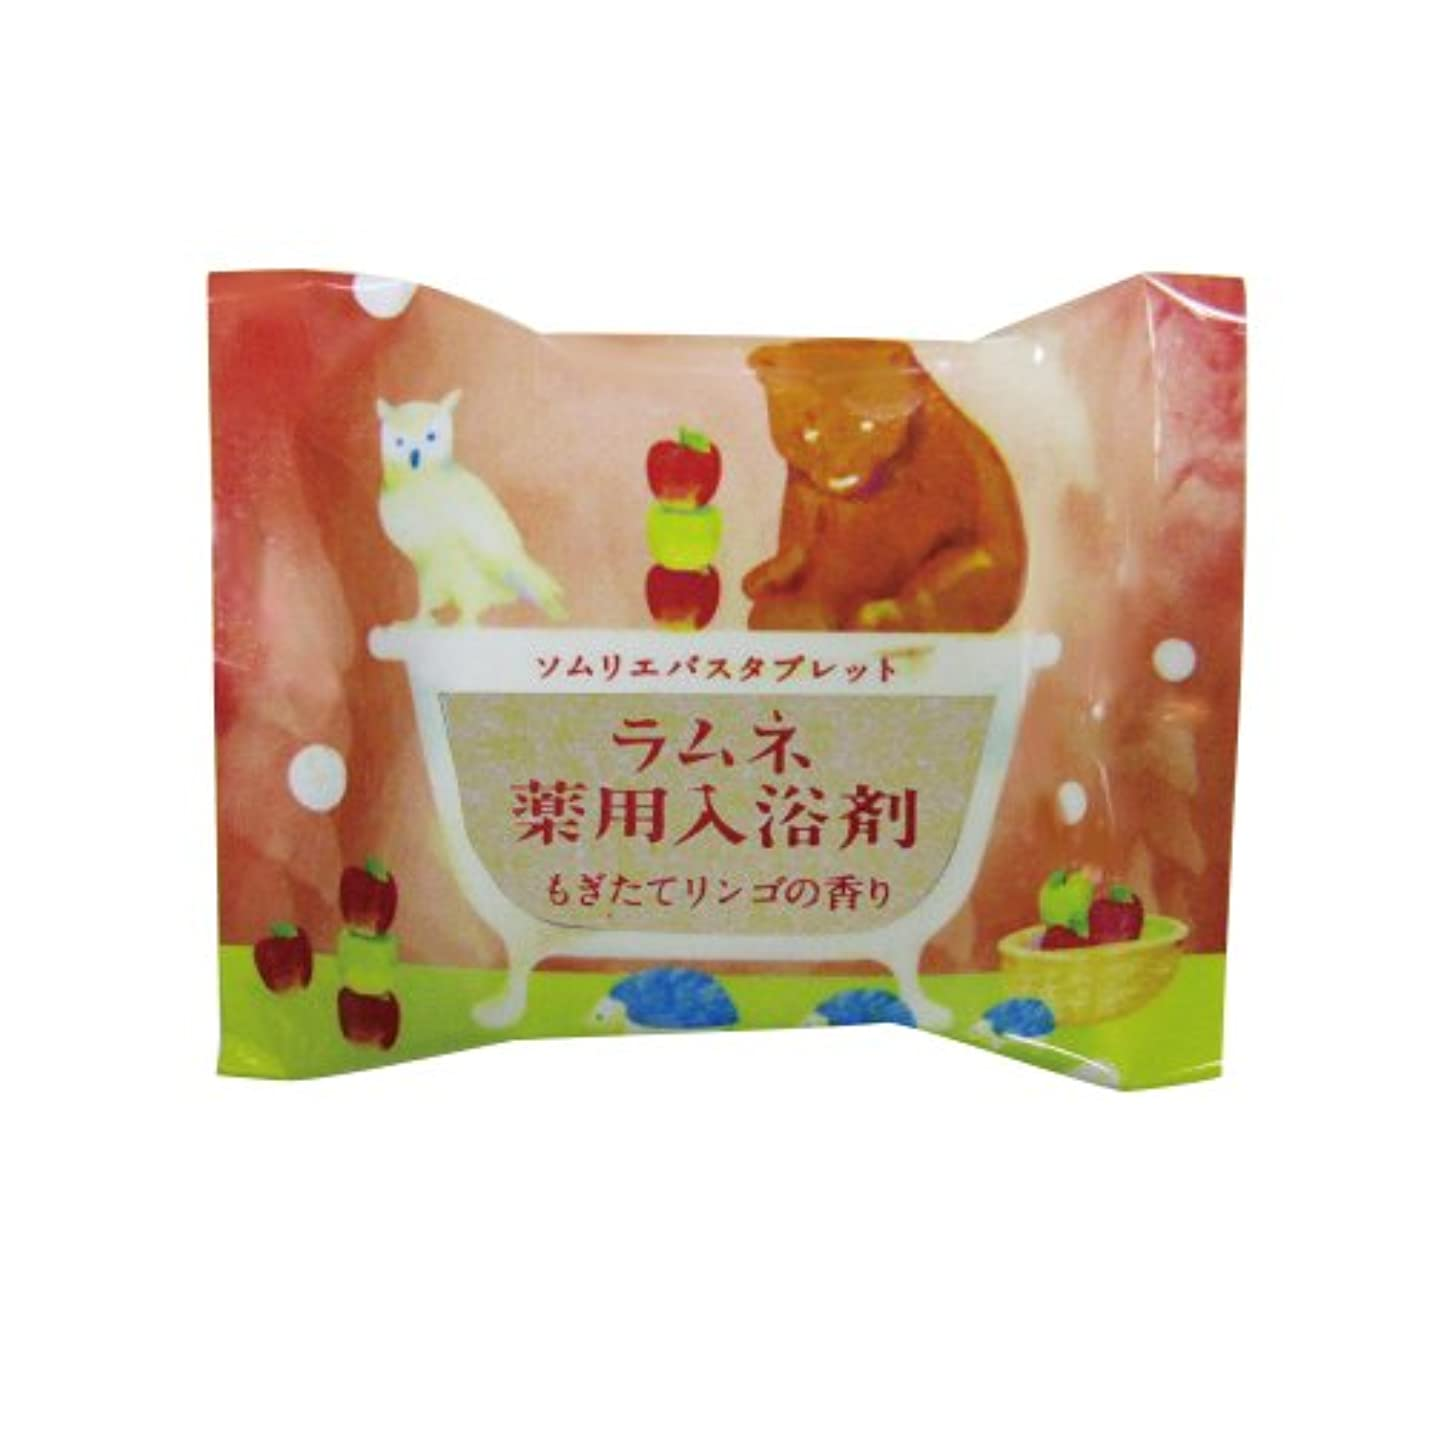 順応性のある敬礼ボクシングソムリエバスタブレット ラムネ薬用入浴剤 もぎたてリンゴの香り 12個セット